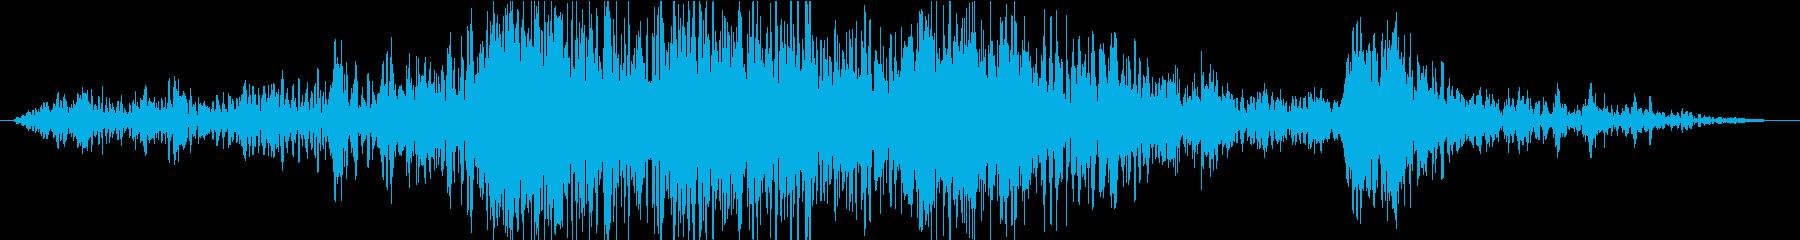 衝撃 噴火10の再生済みの波形